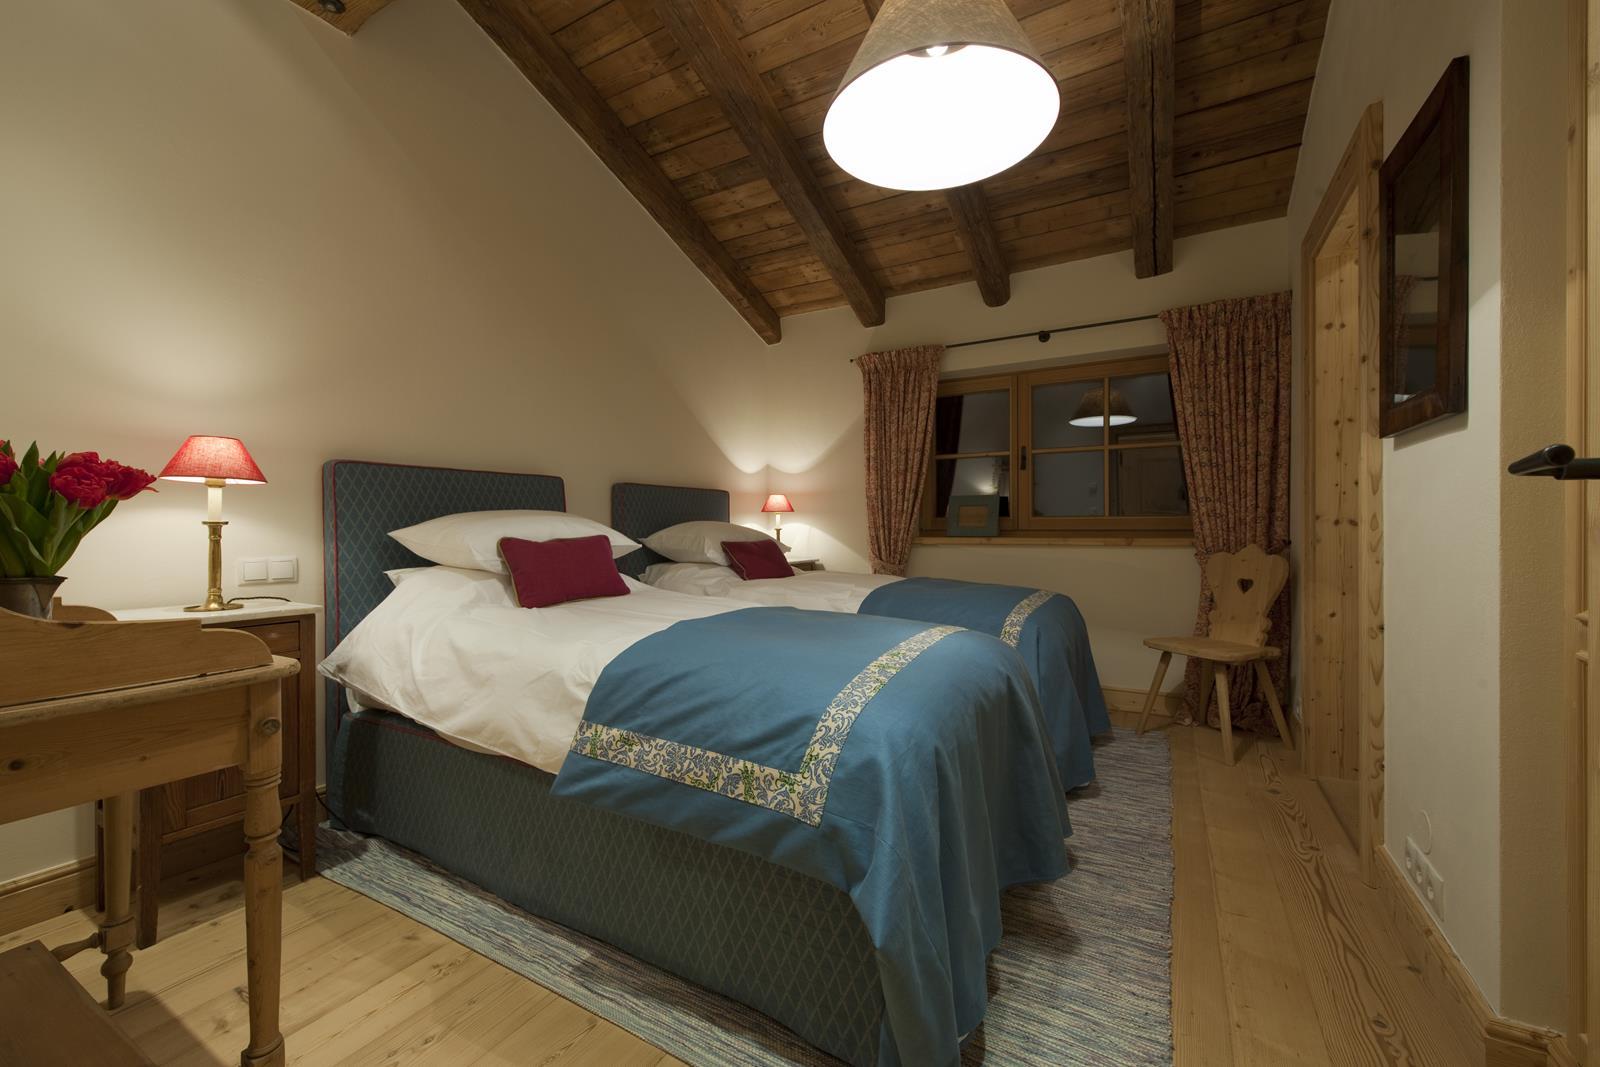 chalet-antoinette-bedroom3-2